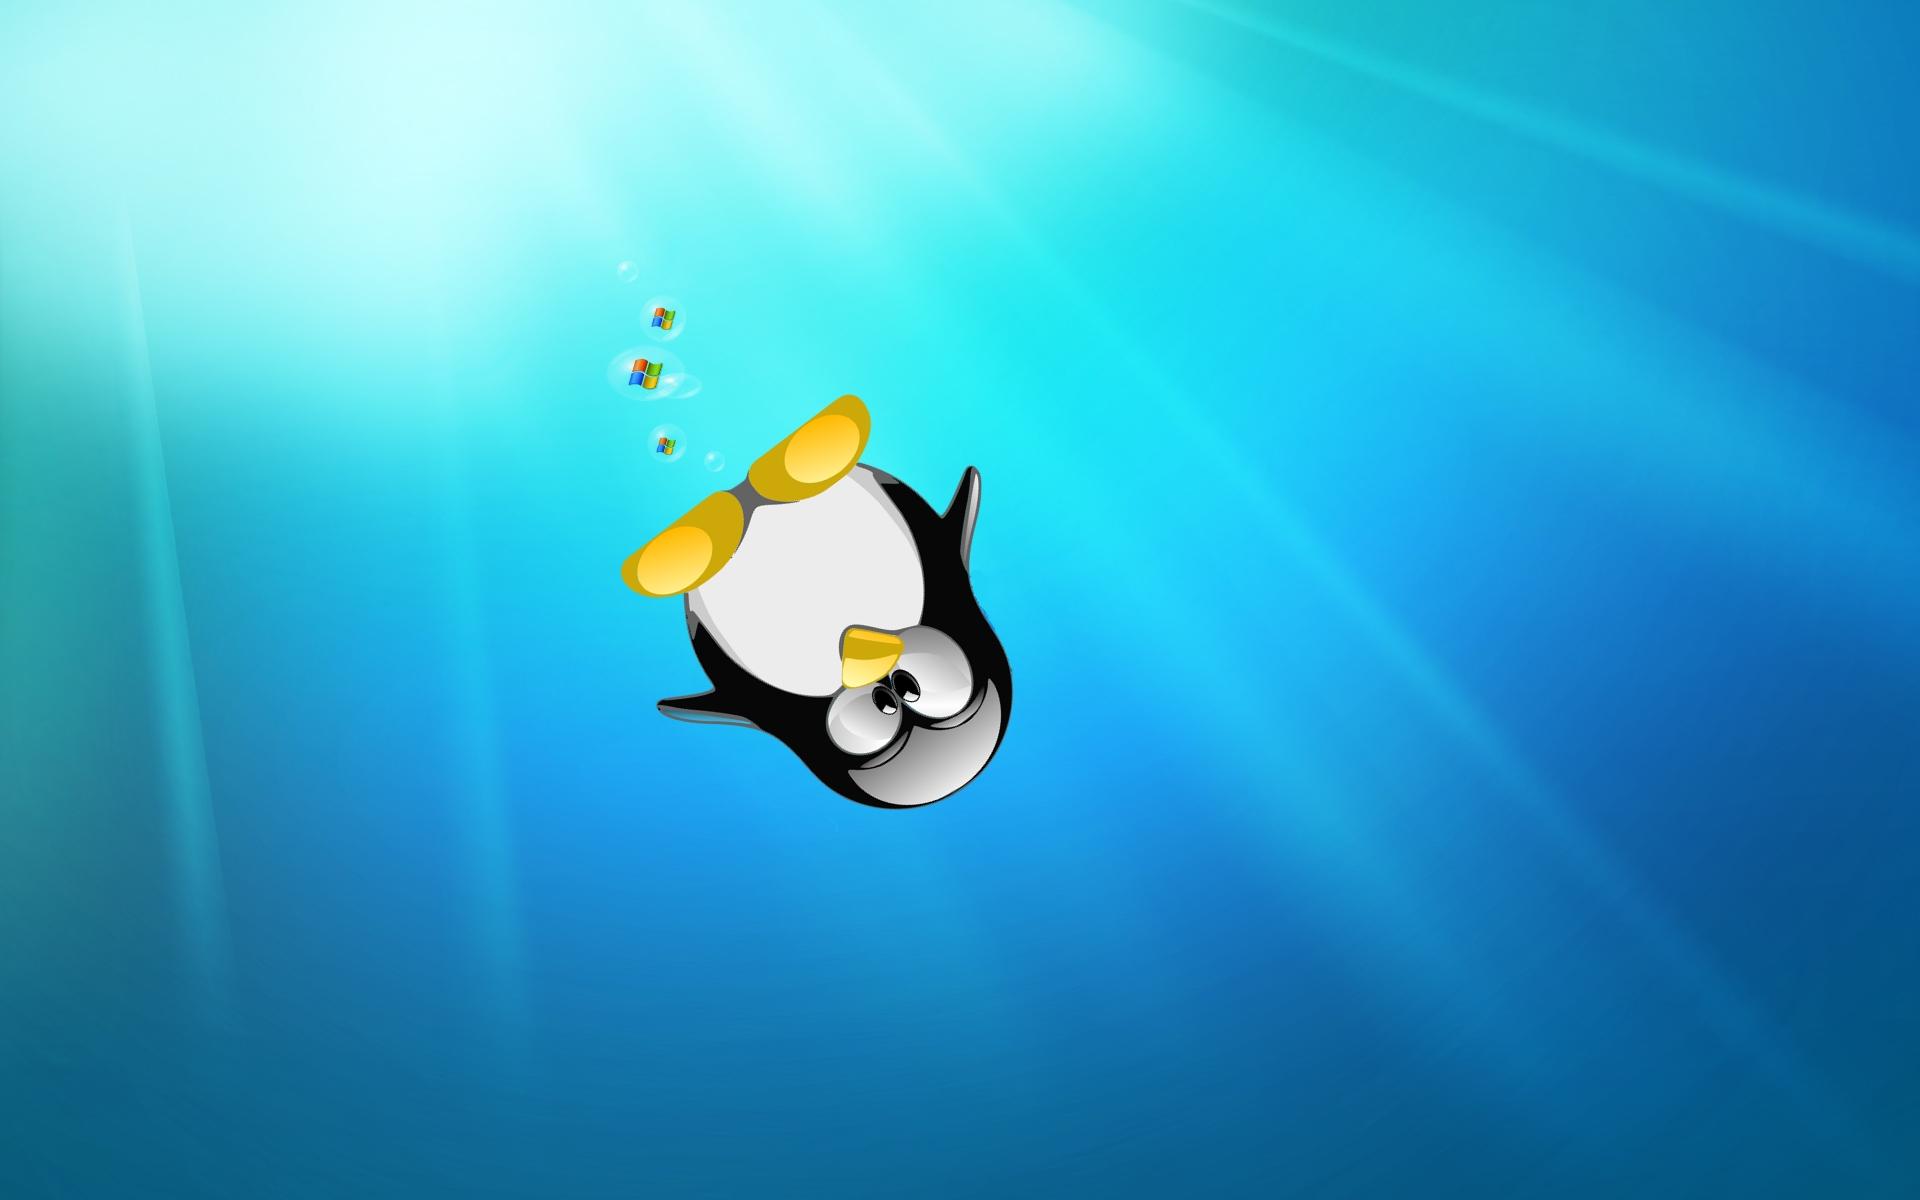 Linux Wallpaper Penguin in the Sea Wallpaper Desktop HD 1920x1200